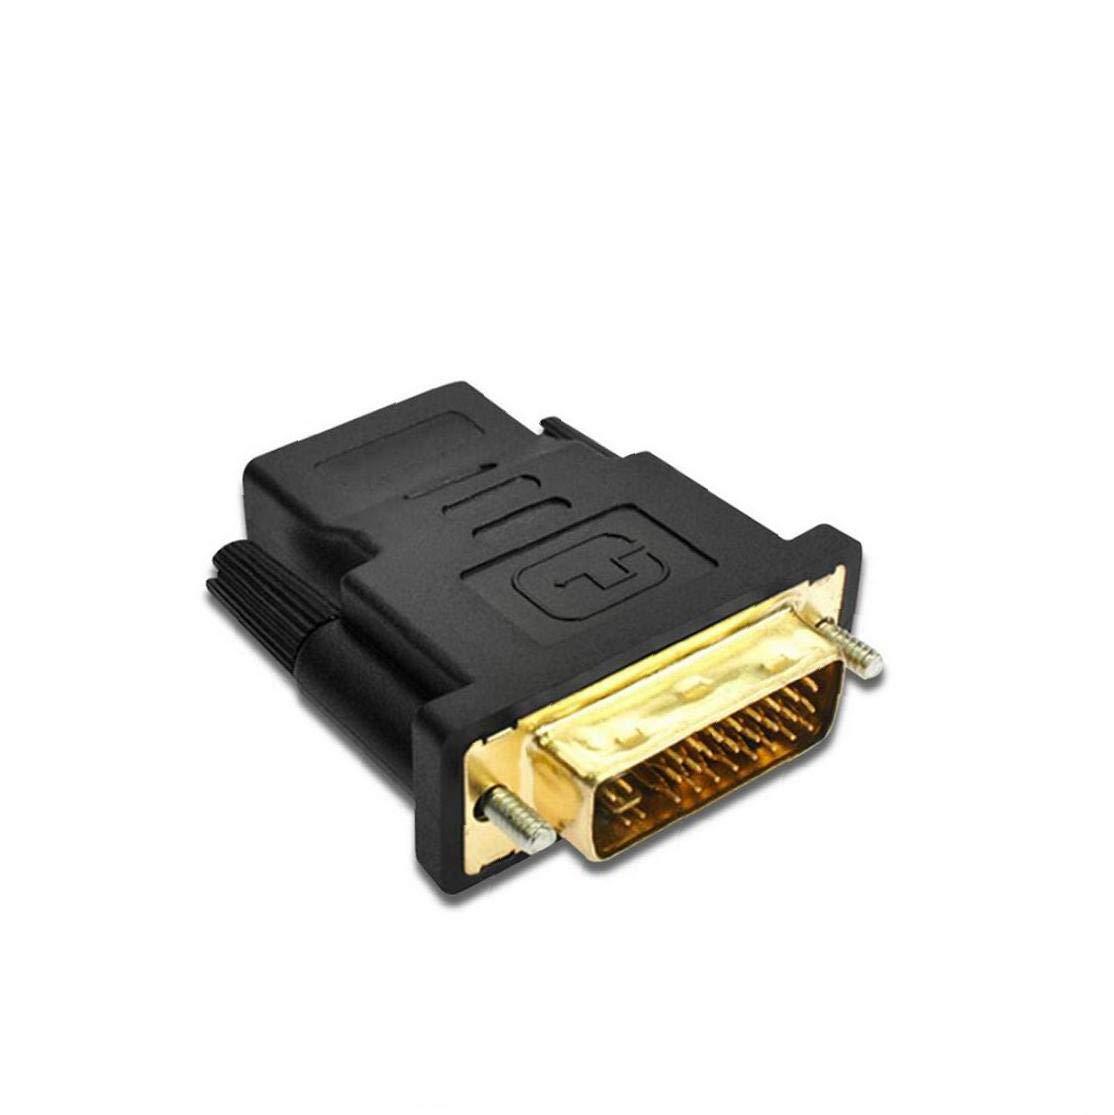 hEziJpTnA Haut de Gamme DVI vers HDMI connecteur DVI vers HDMI Bidirectionnelle m/âle /à Femelle Adaptateur VGA Signal de Sortie /Équipement /électronique Pi/èces pour Bureau